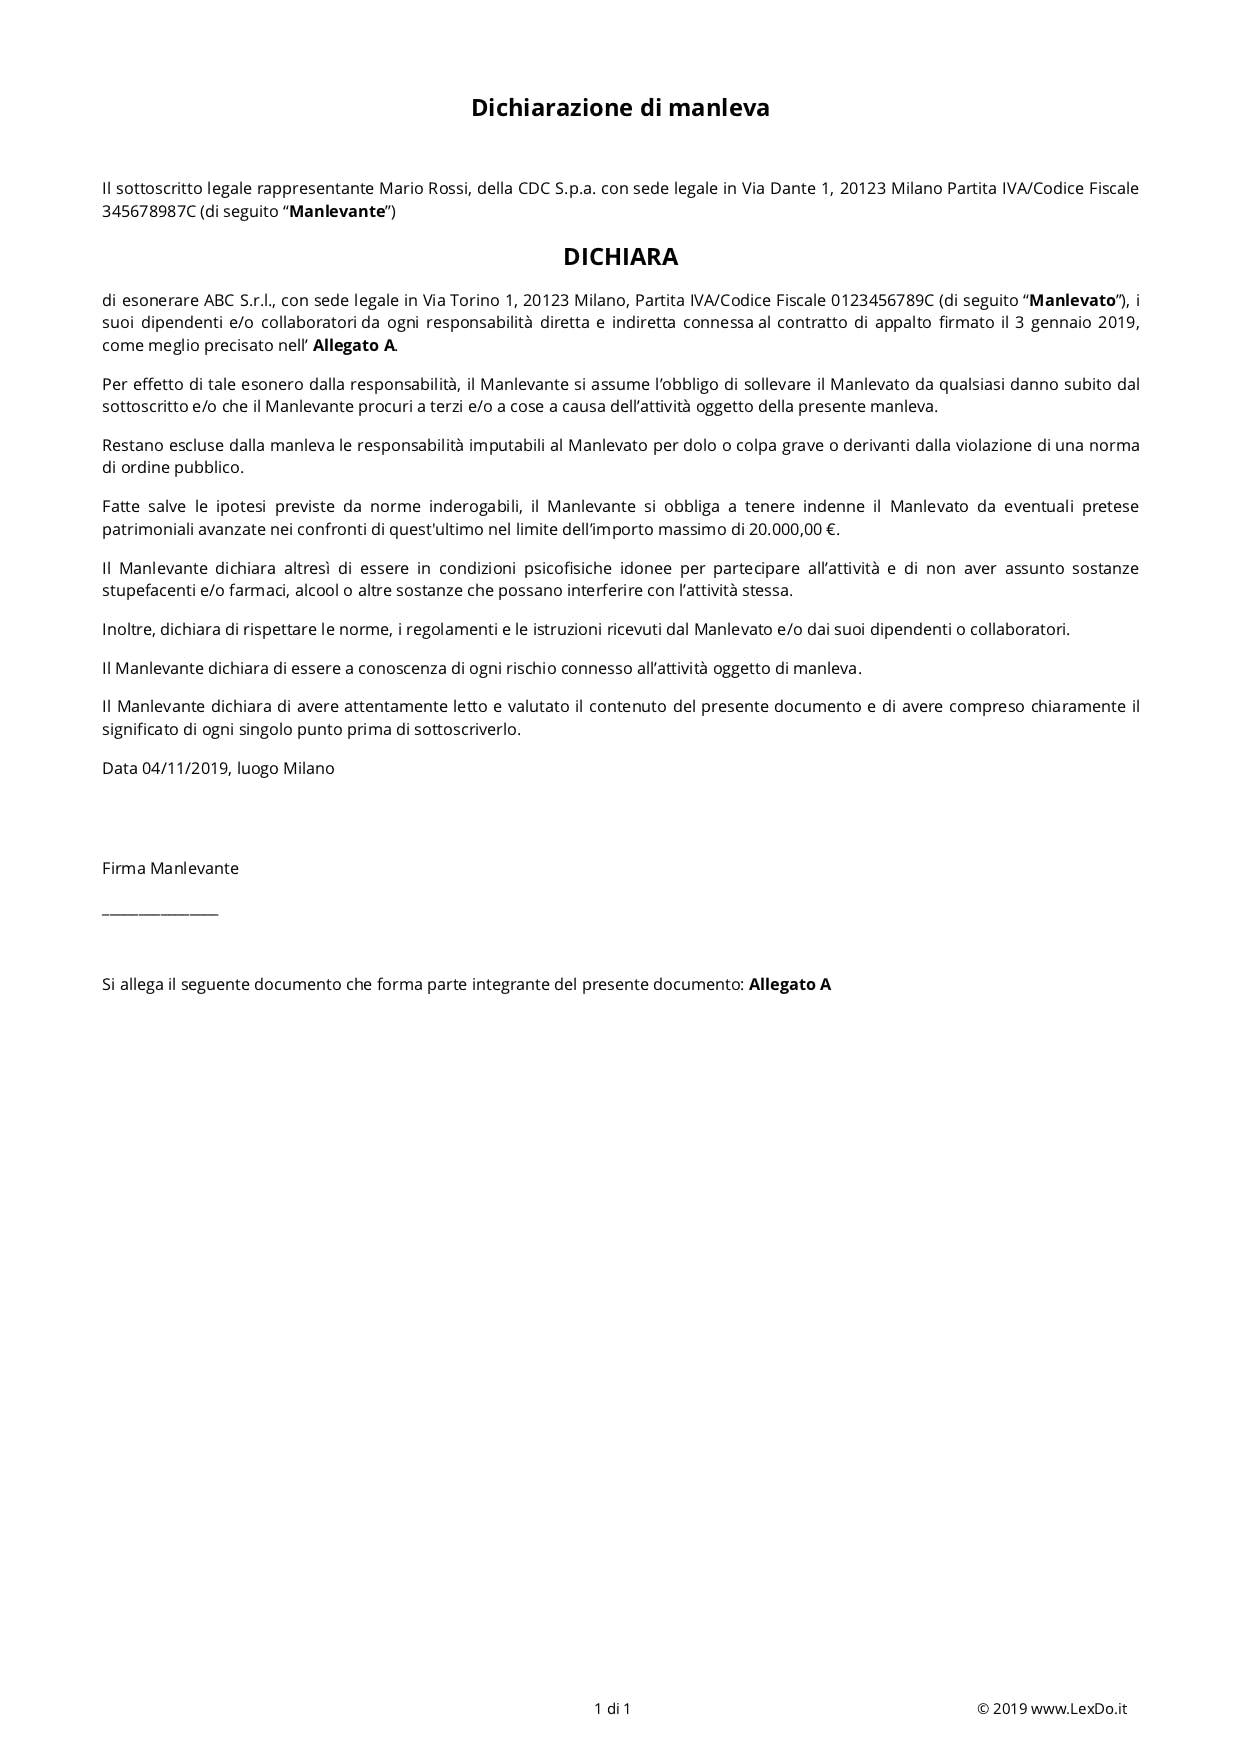 Lettera di Manleva (Scarico di Responsabilità) – Modello e Guida modello